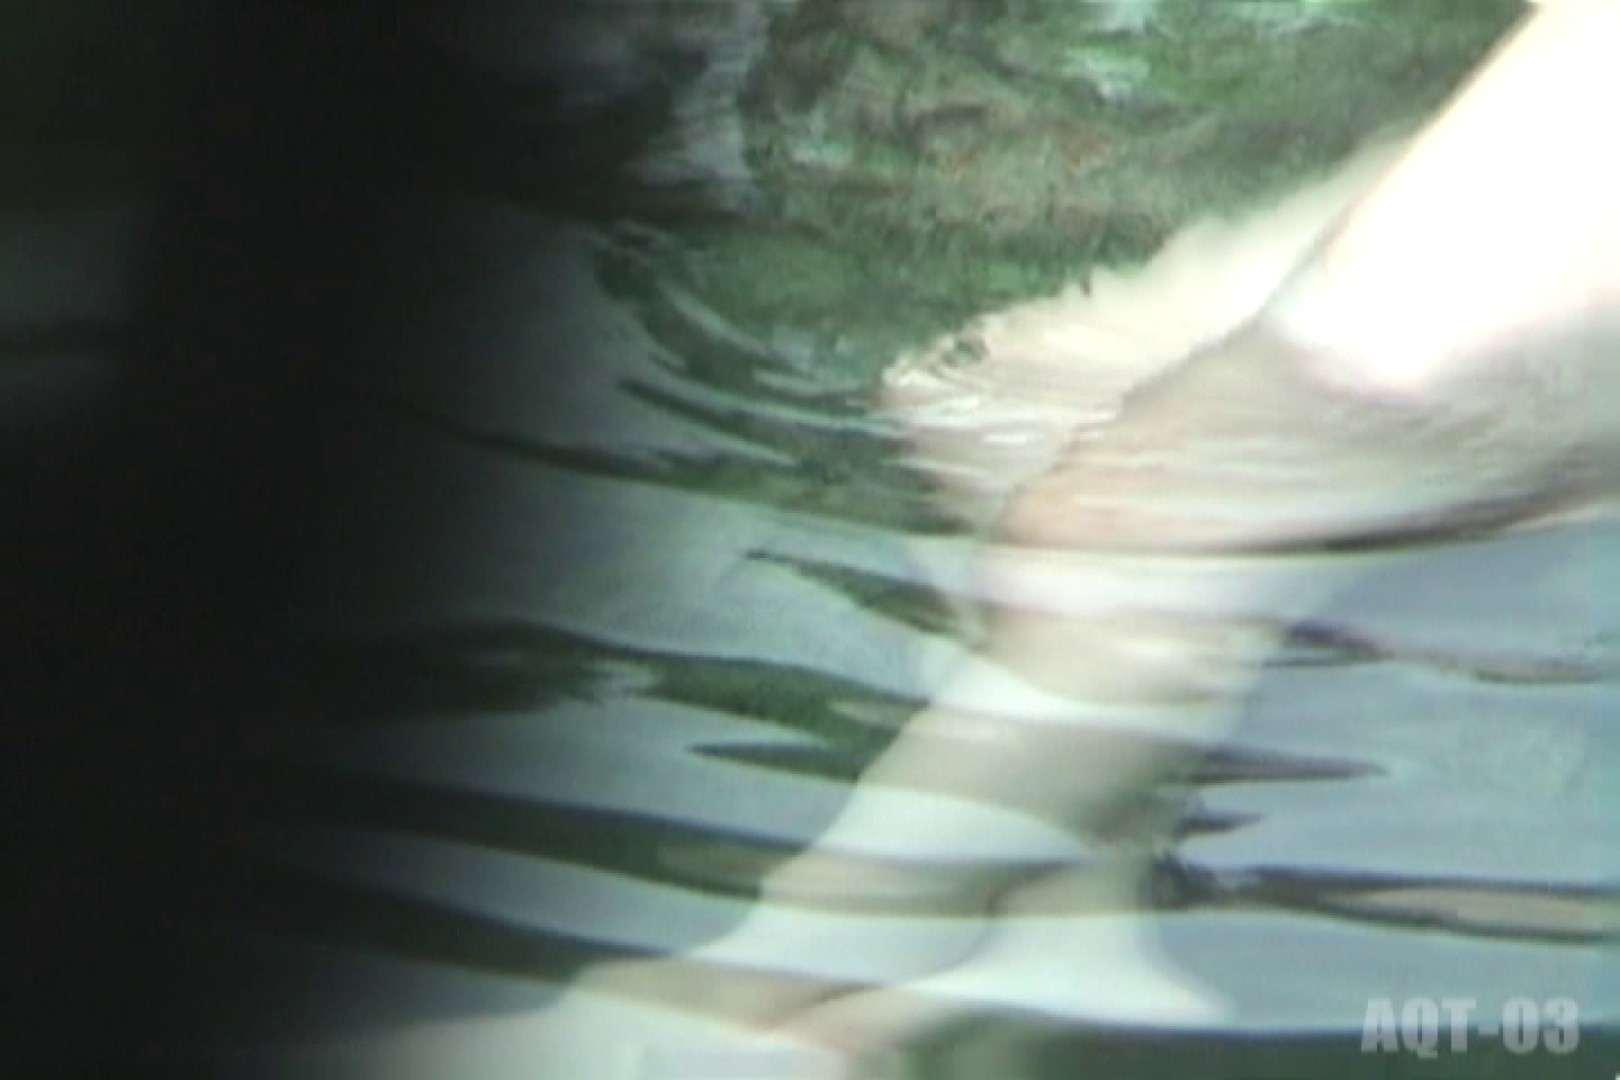 Aquaな露天風呂Vol.727 露天 えろ無修正画像 110PICs 86